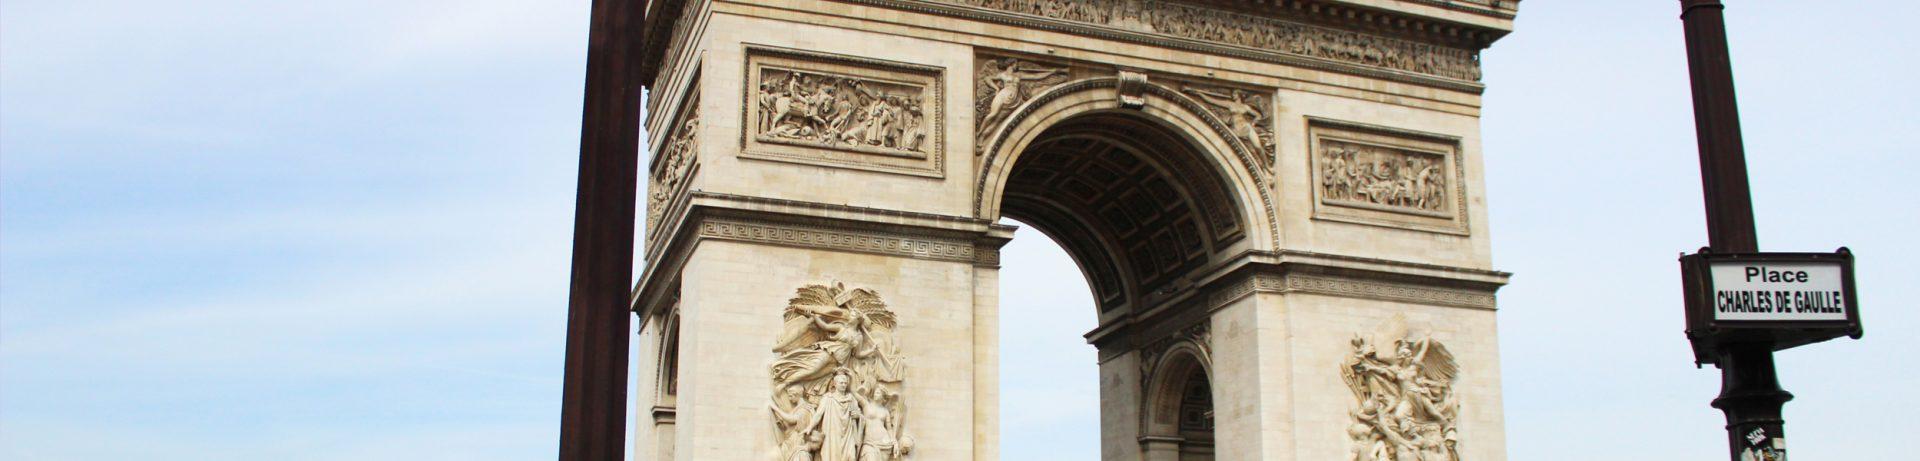 Przewodnik po Paryżu - Łuk Triumfalny